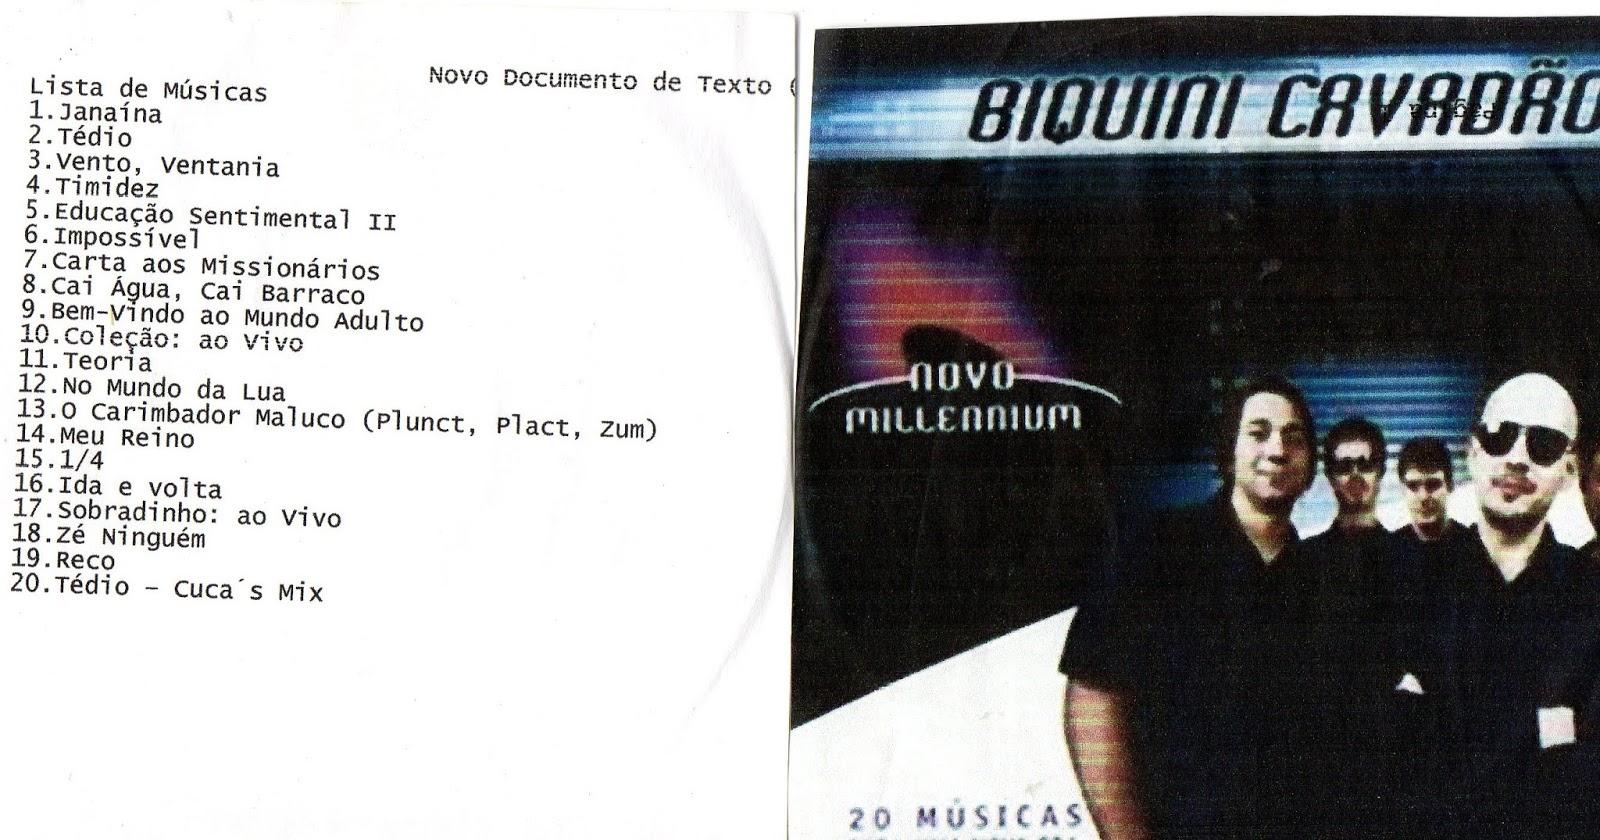 BAIXAR SORRISO CD COMPLETO MAROTO DIFERENTE